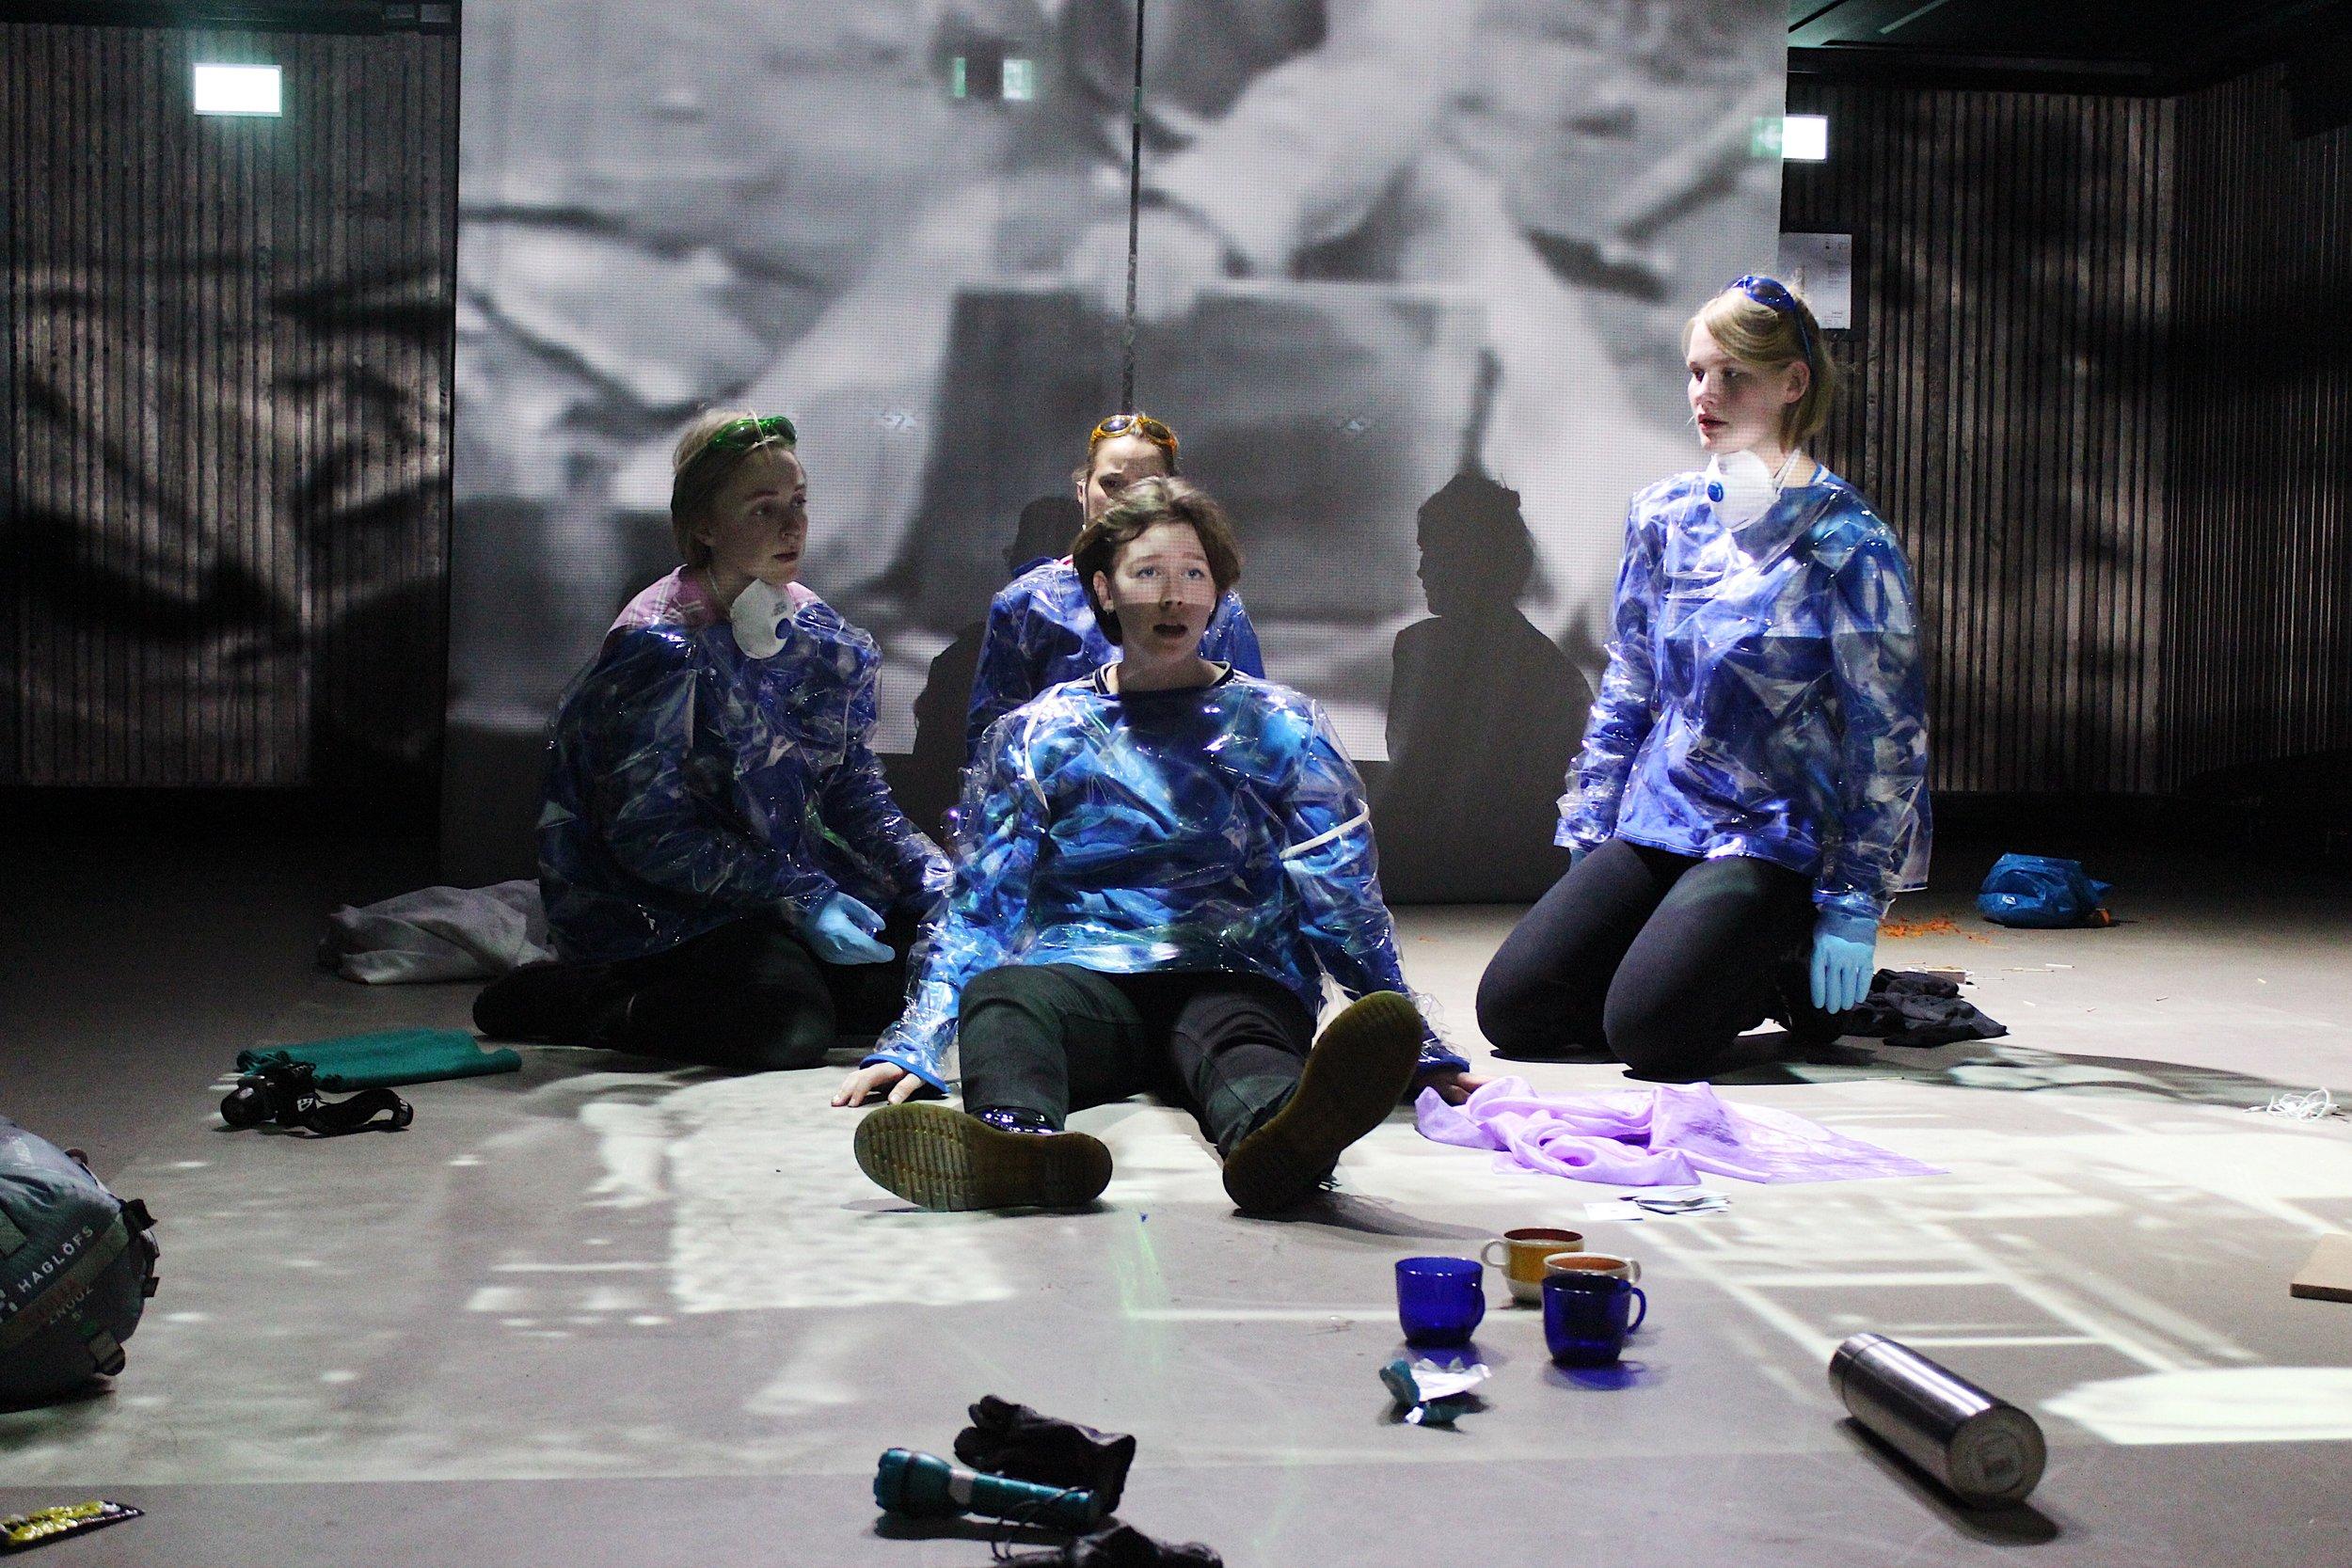 Noen må lufte Laika (2017)  Costume designer Theatre play, Amma Teater.